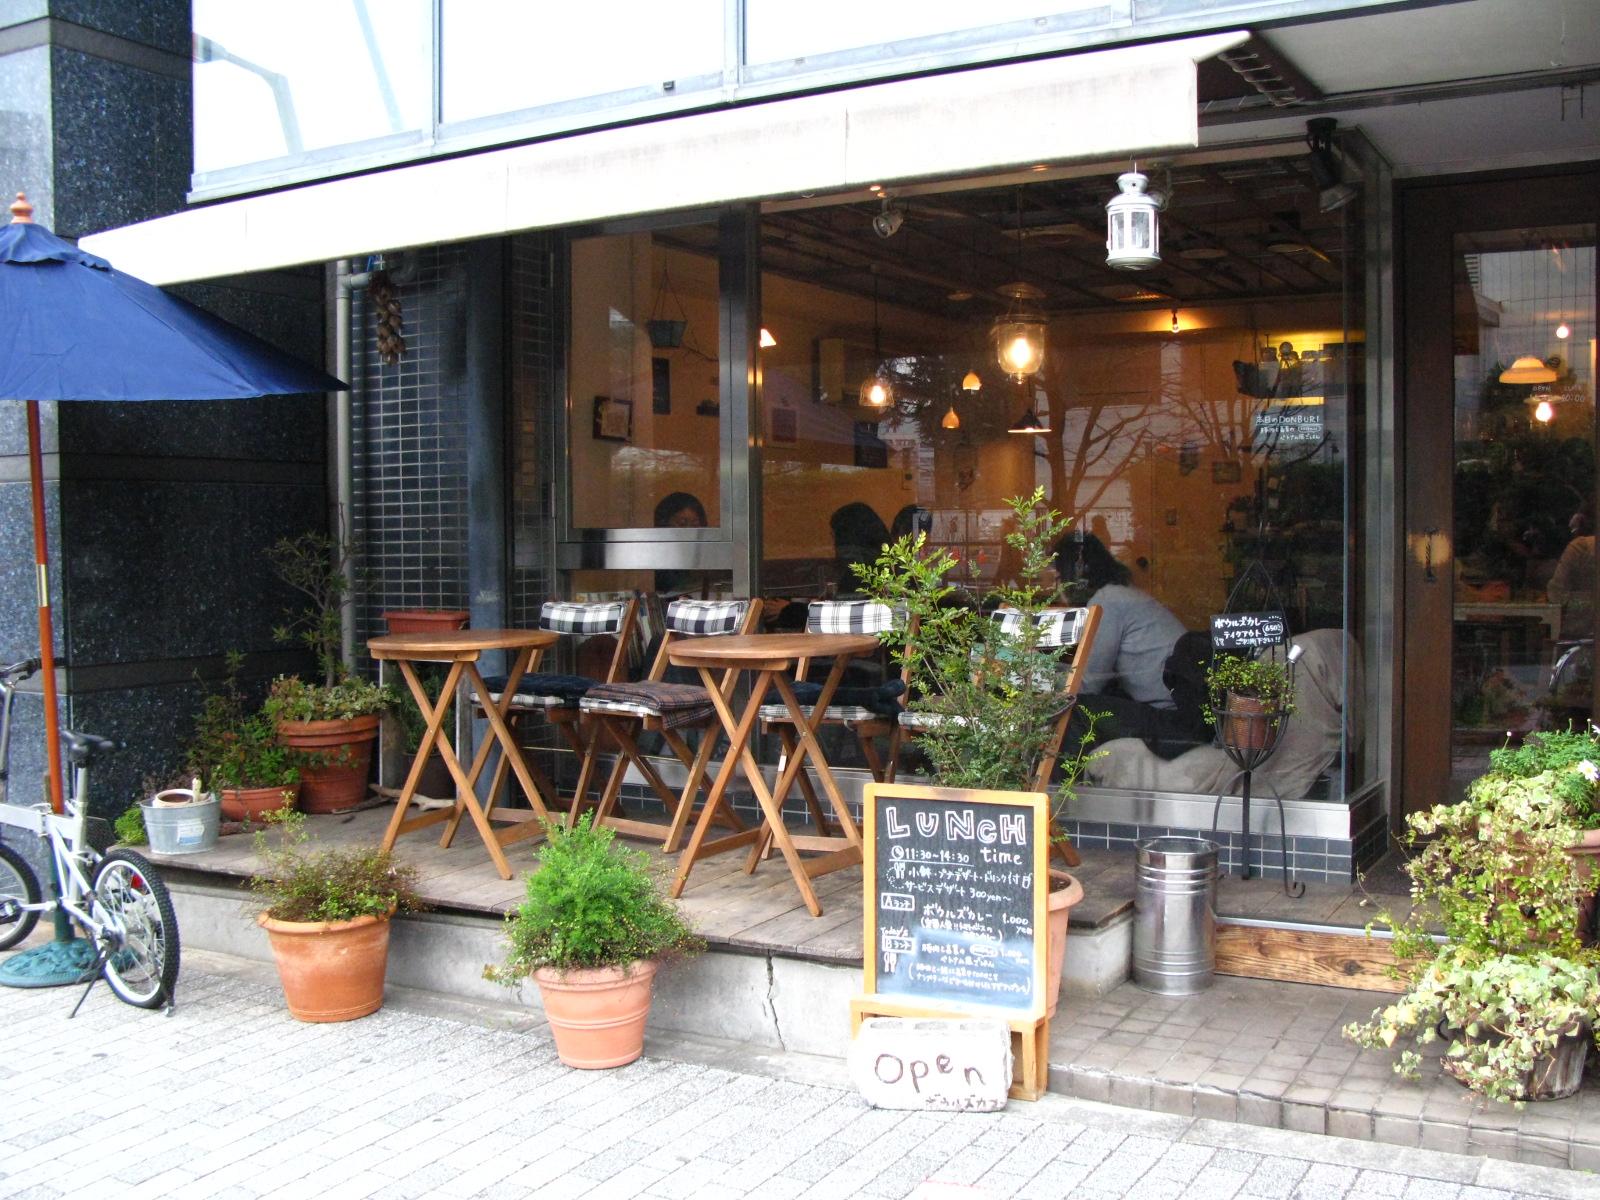 こんな家に住みたい!おしゃれなカフェの内装を真似しよう!のサムネイル画像